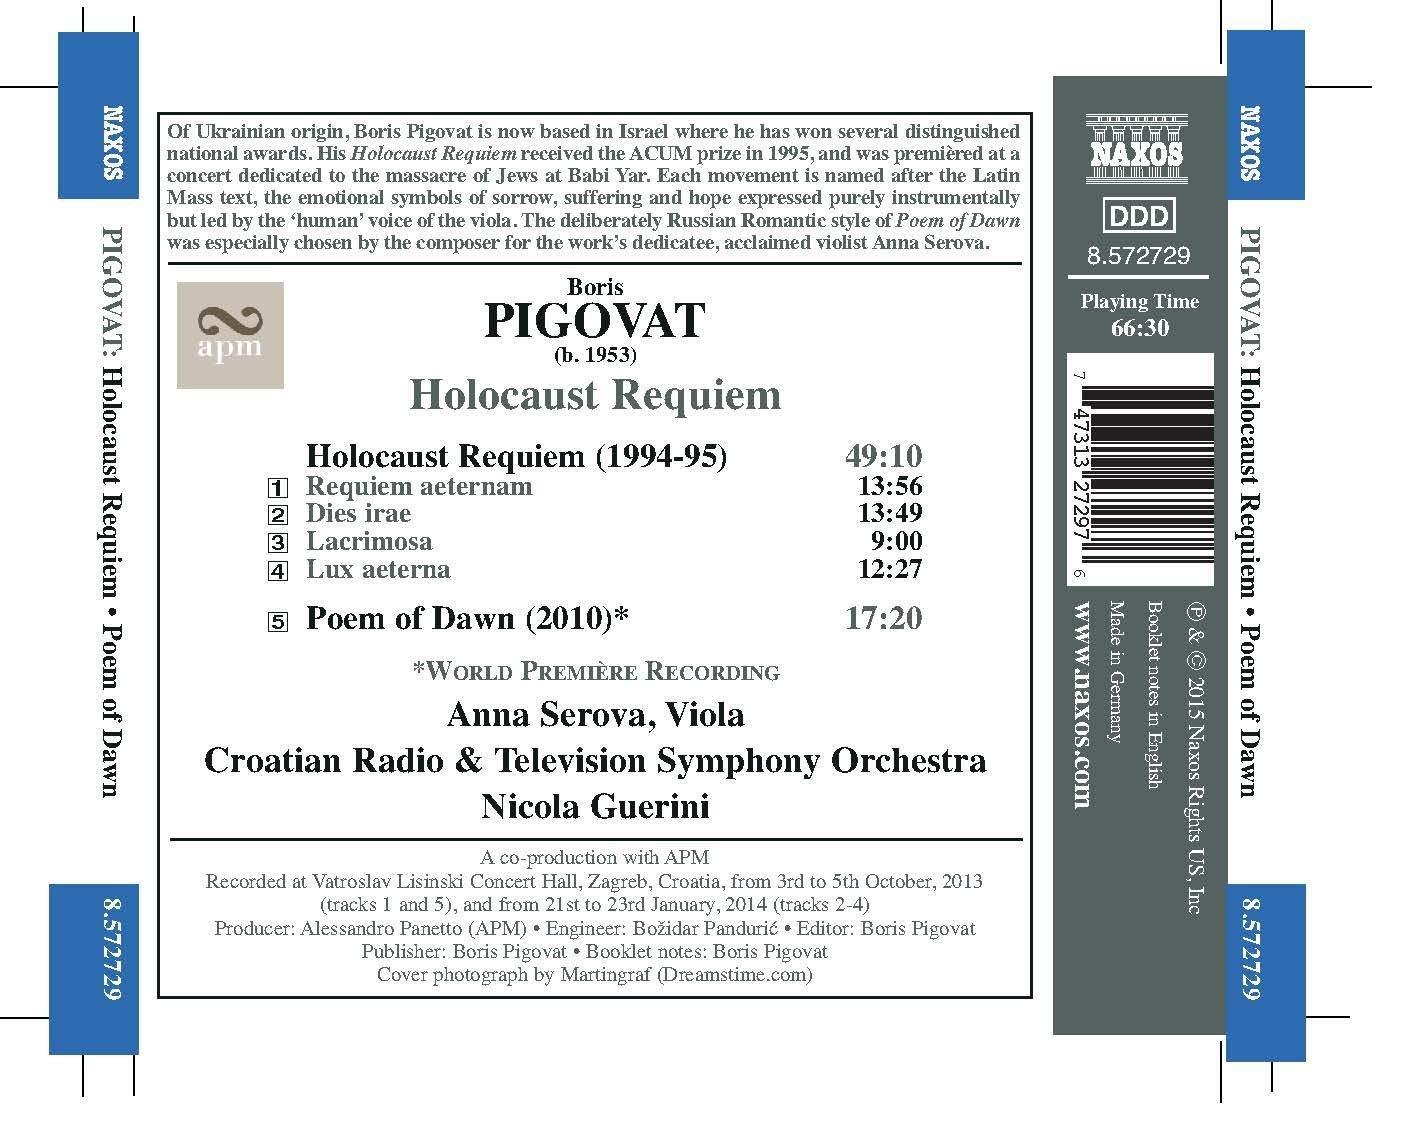 Pigovat-Holocaust-Requiem-back